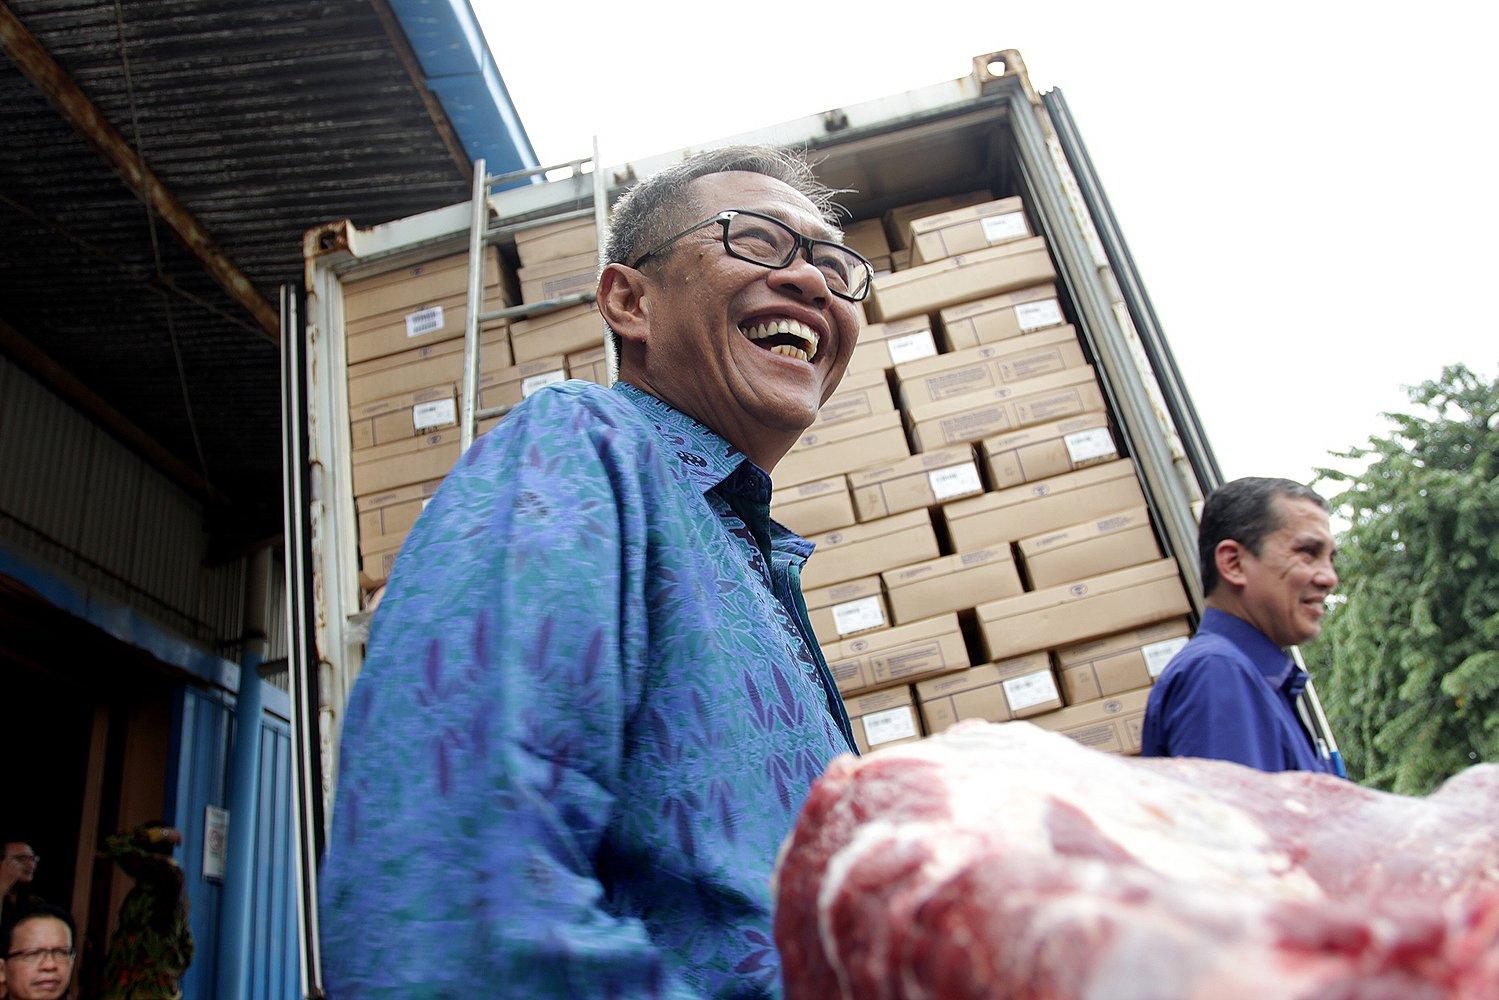 Menurut Direktur Utama Bulog Djarot Kusumayakti, pemerintah melalui Bulog akan mencukupi kebutuhan daging untuk masyarakat selama bulan puasa hingga Lebaran nanti.